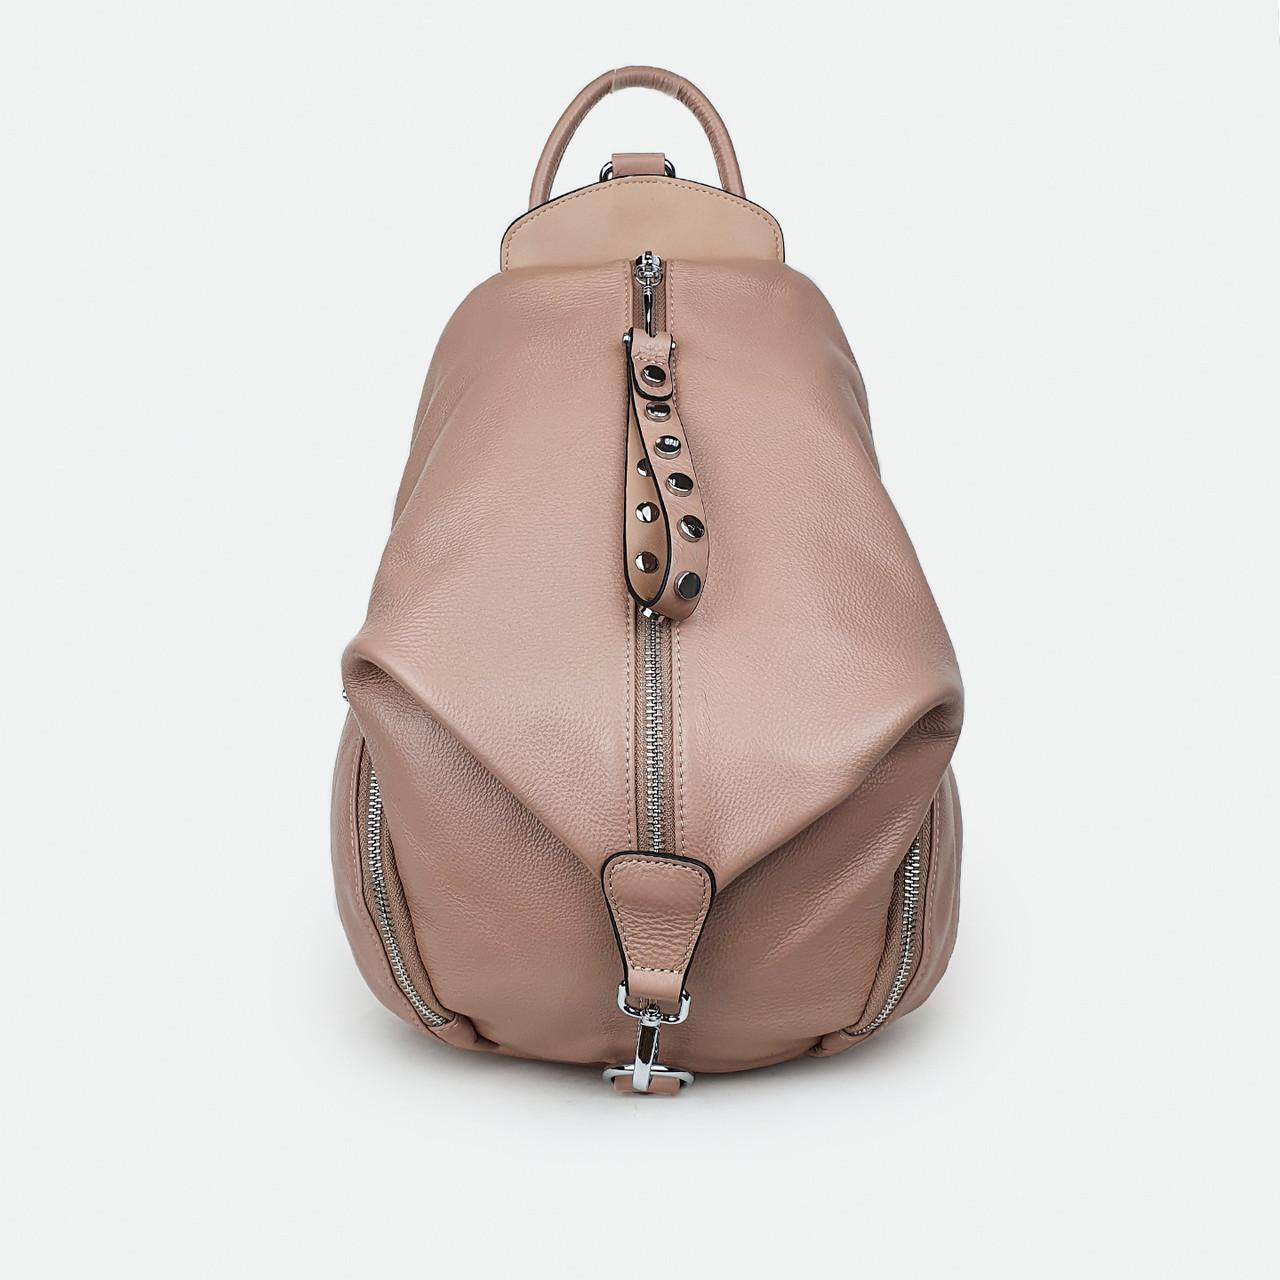 Модный рюкзак женский кожаный розовый 2559 большой